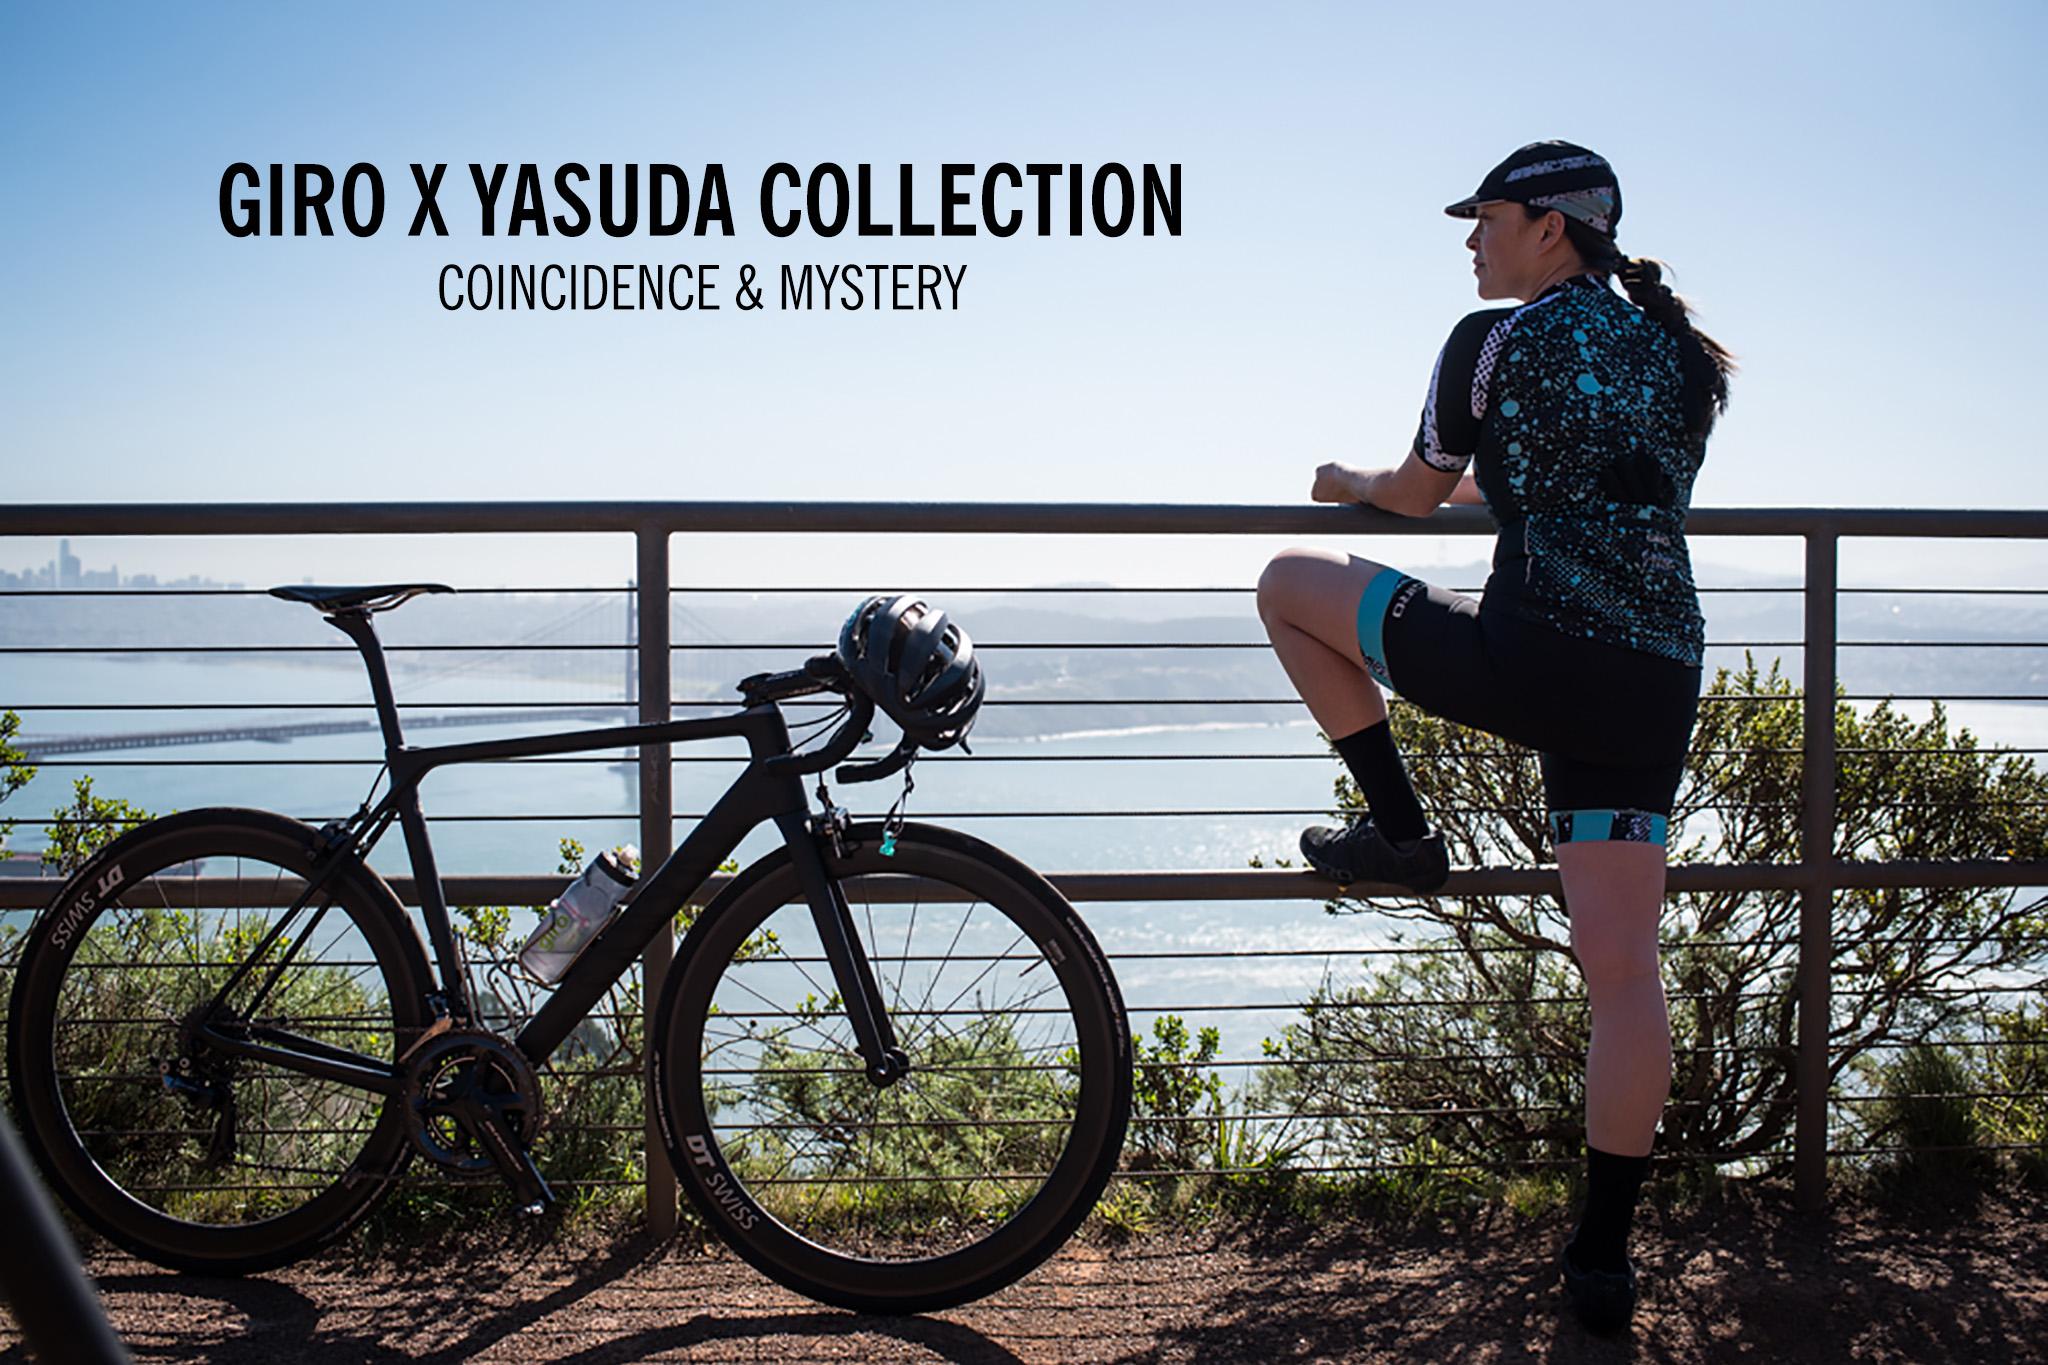 GIRO & YASUDA COLLECTION